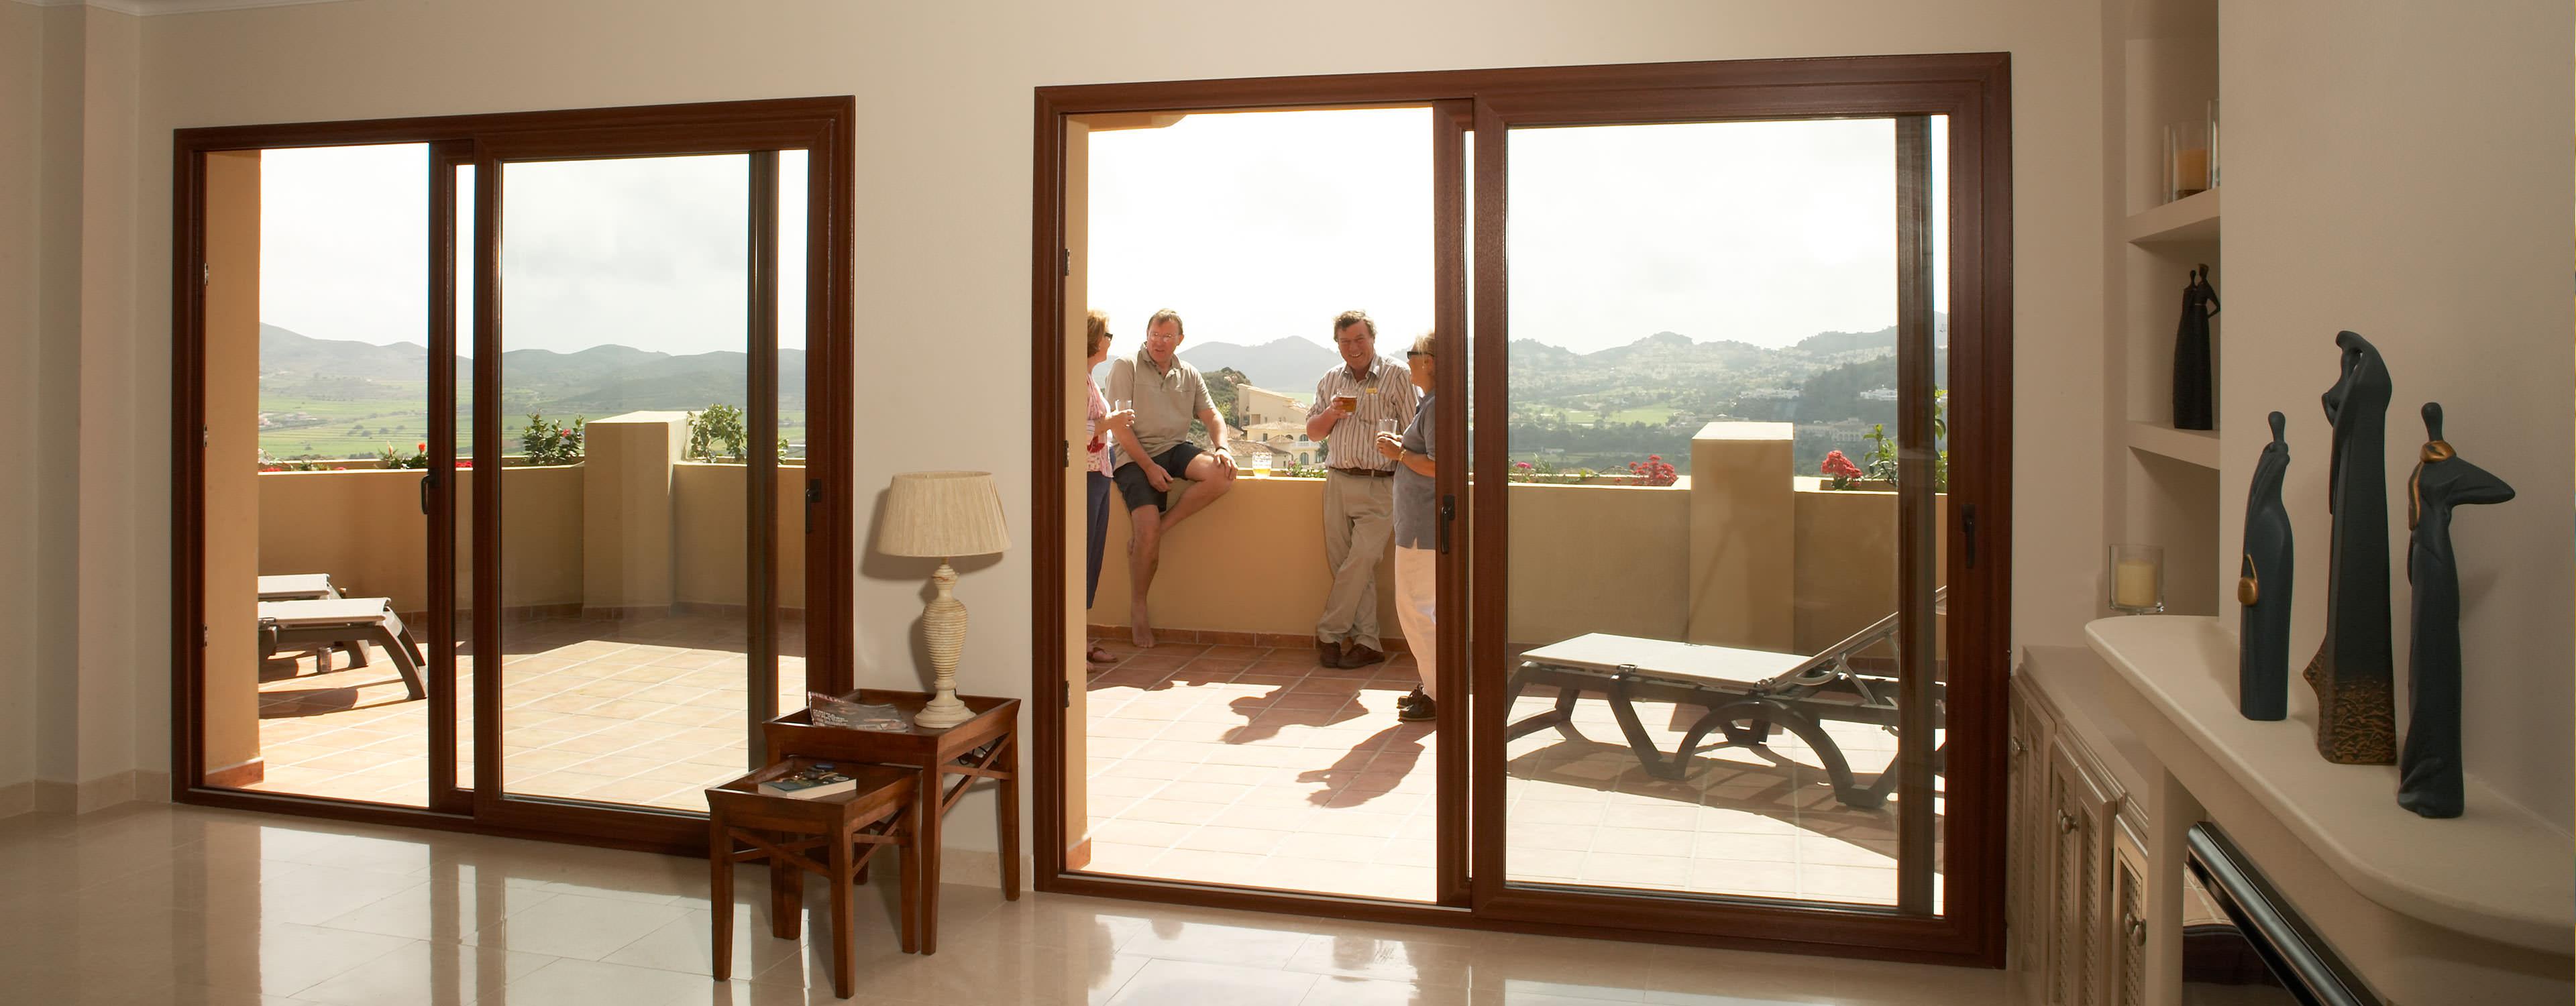 Double glazed doors nottingham front doors composite doors for Patio doors with side windows